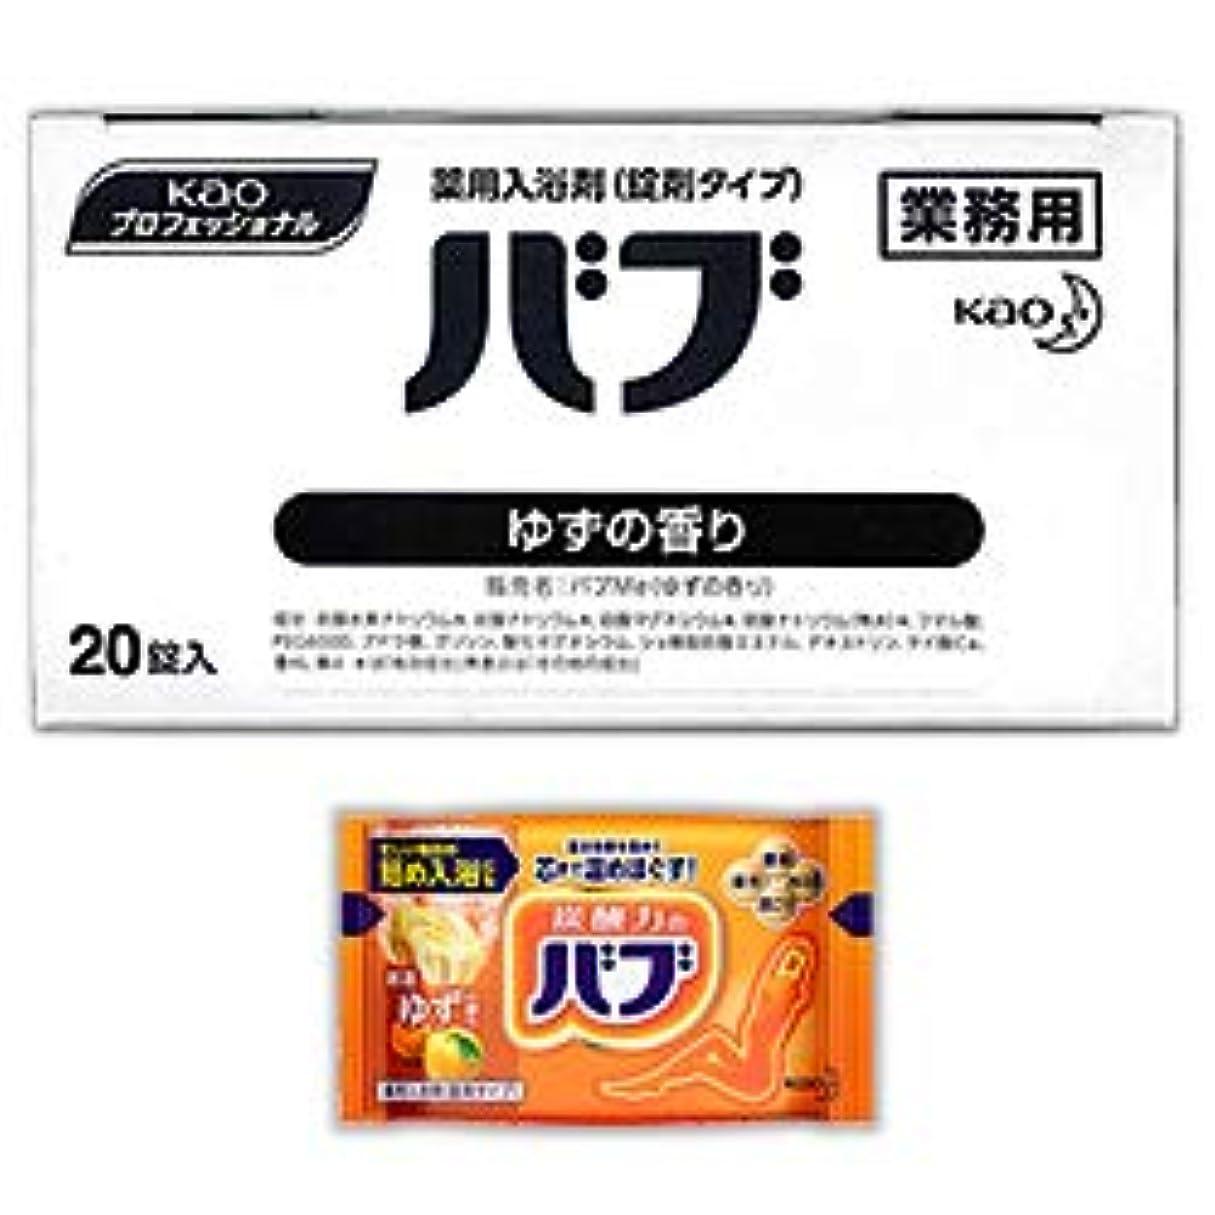 吹きさらし長さパーツ【花王】Kaoプロフェッショナル バブ ゆずの香り(業務用) 40g×20錠入 ×5個セット